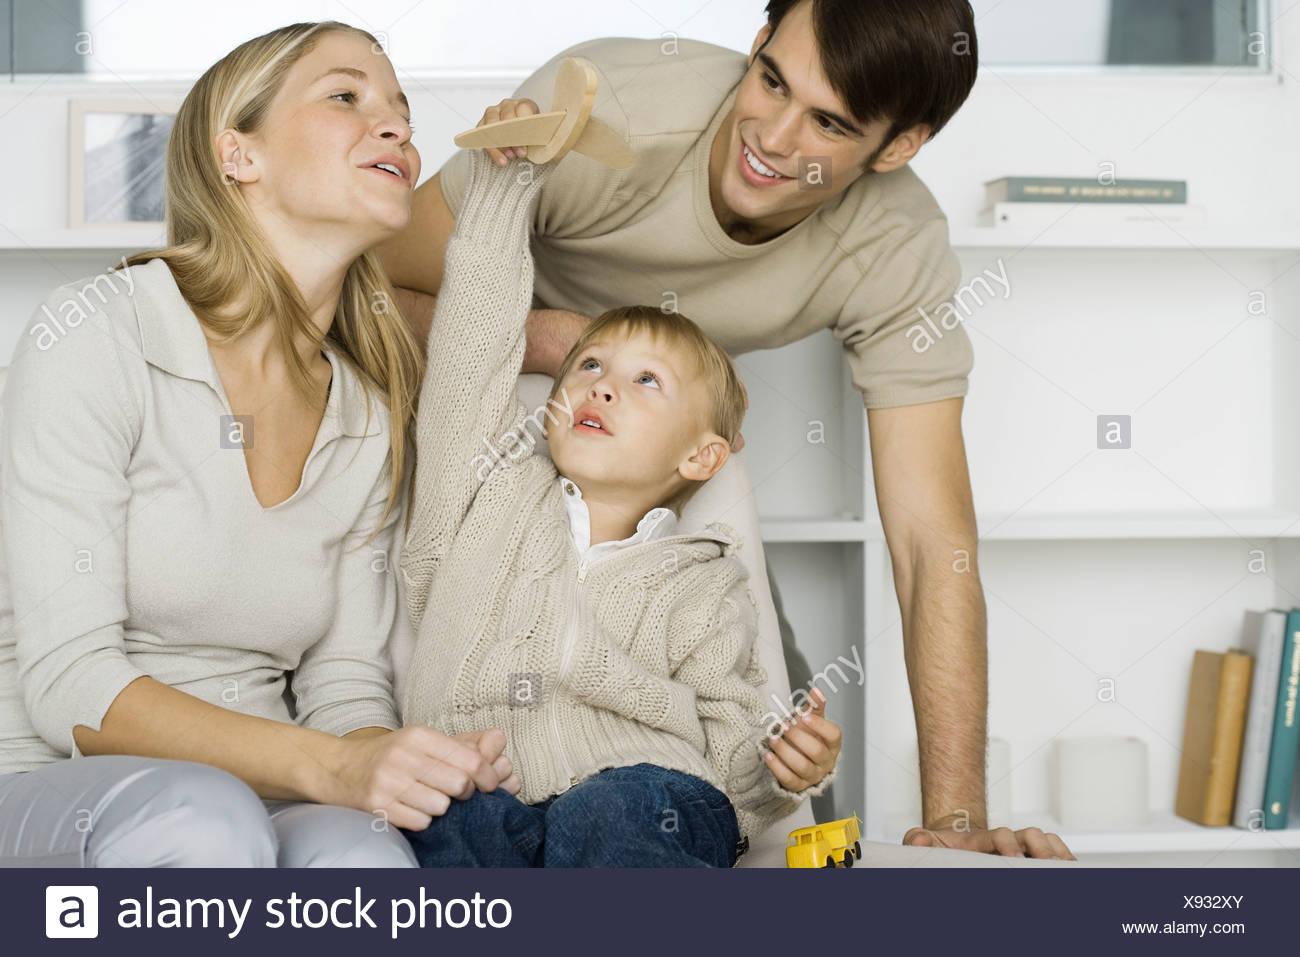 Kleiner Junge spielt mit Spielzeugflugzeug, Eltern beobachten Stockbild